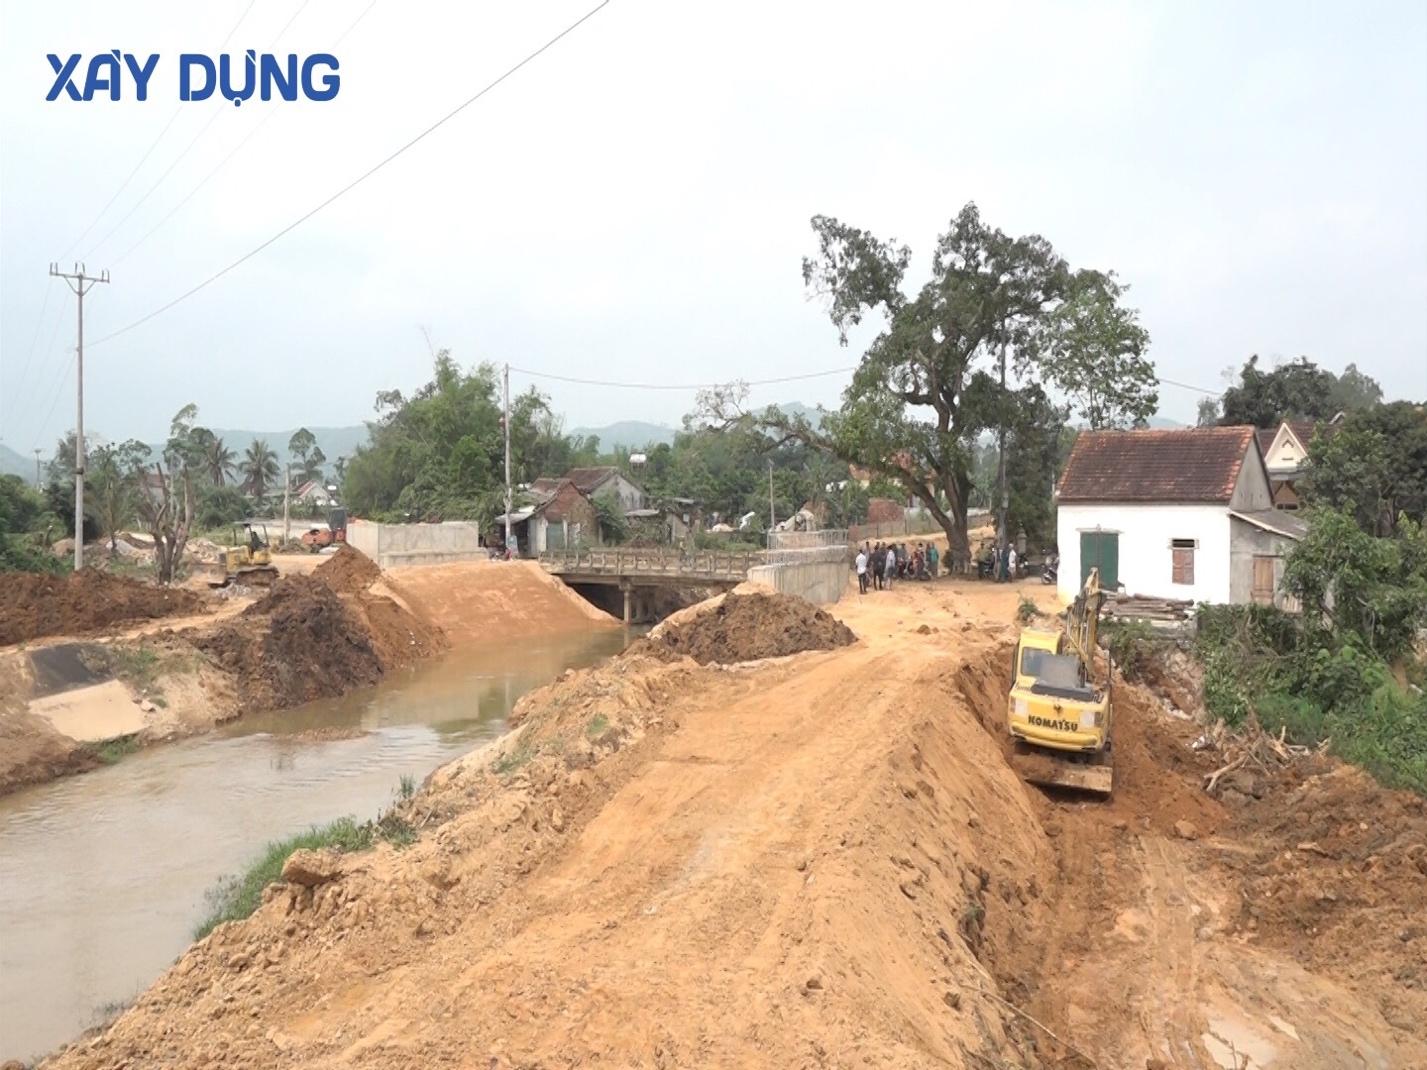 Hà Tĩnh: Nghi vấn nhiều sai phạm tại Dự án Ngàn Trươi - Cẩm Trang